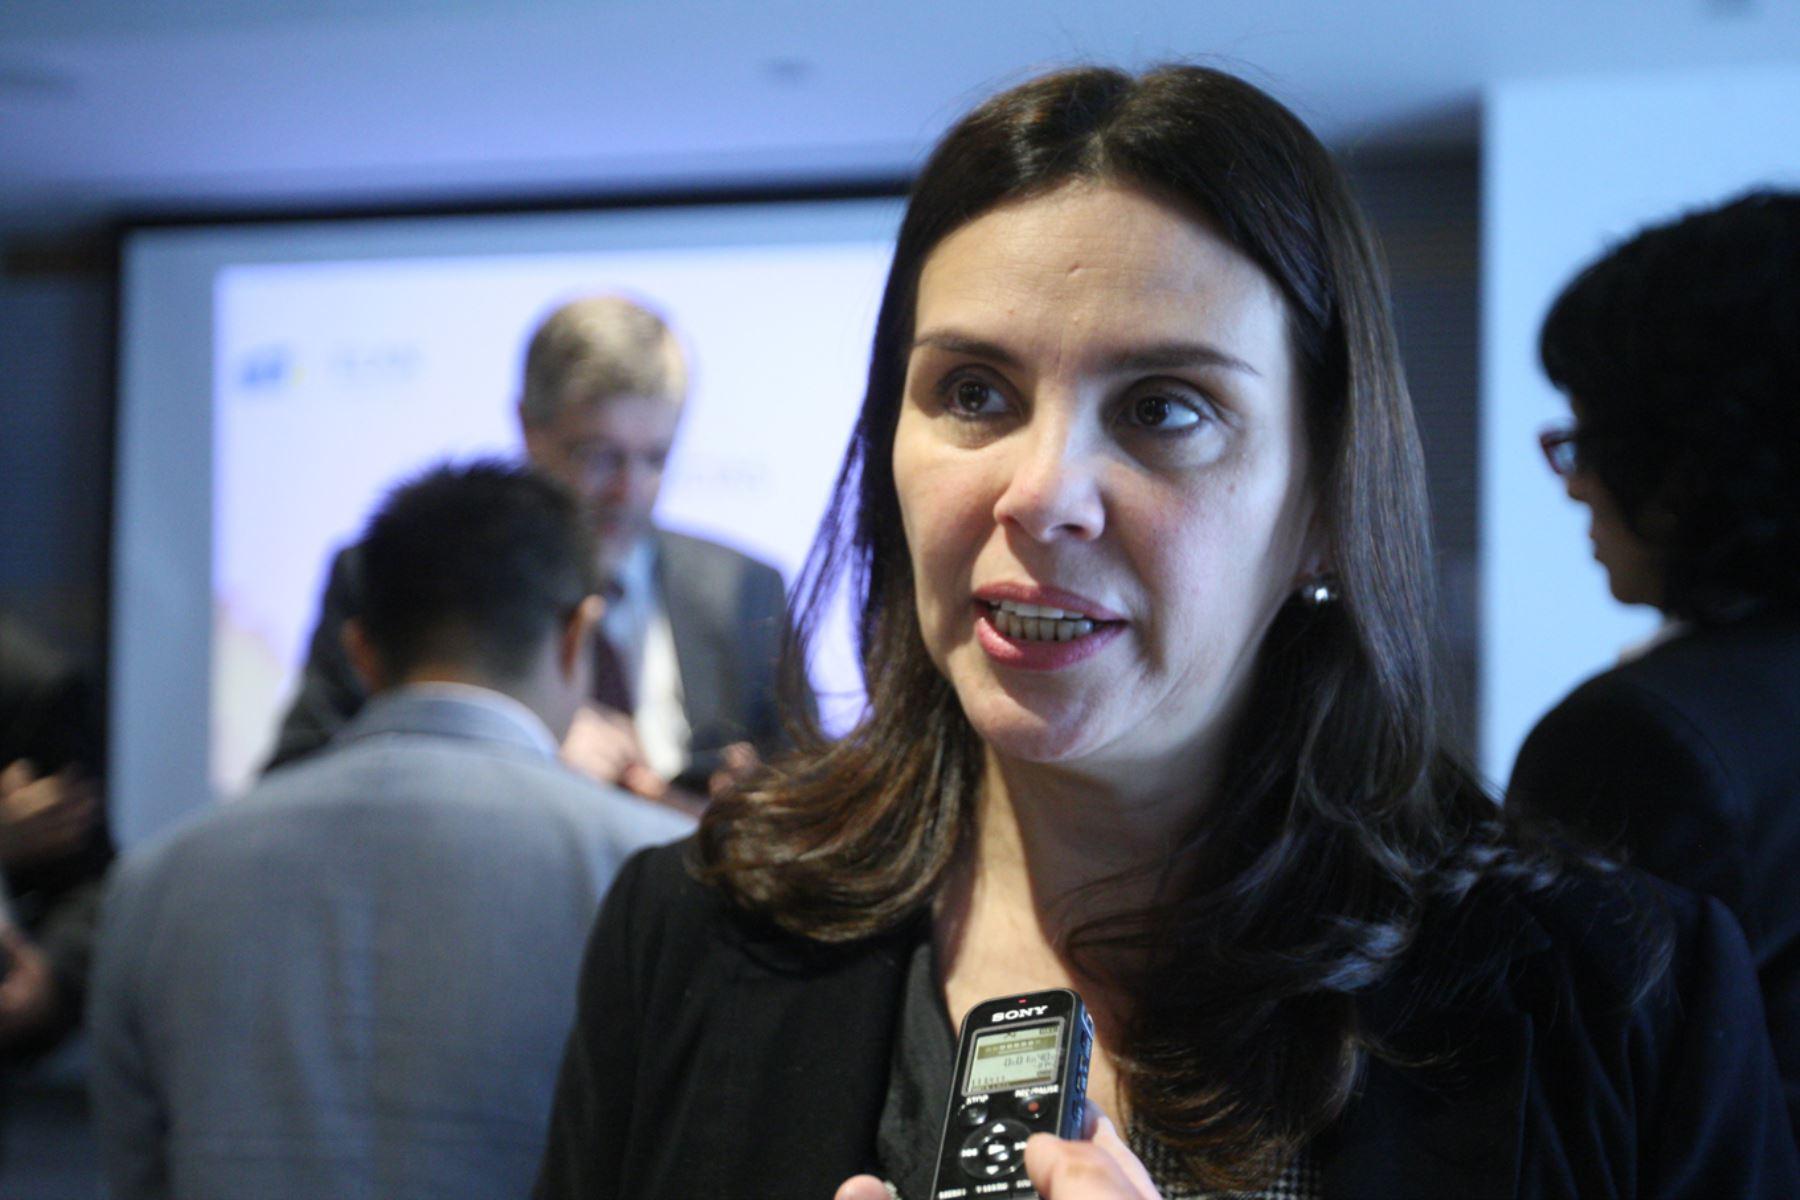 LIMA, PERÚ - NOVIEMBRE11. Declaraciones de María Rosa Morán Macedo, representante de ELAN.Foto: ANDINA/Juan Carlos Guzmán Negrini.